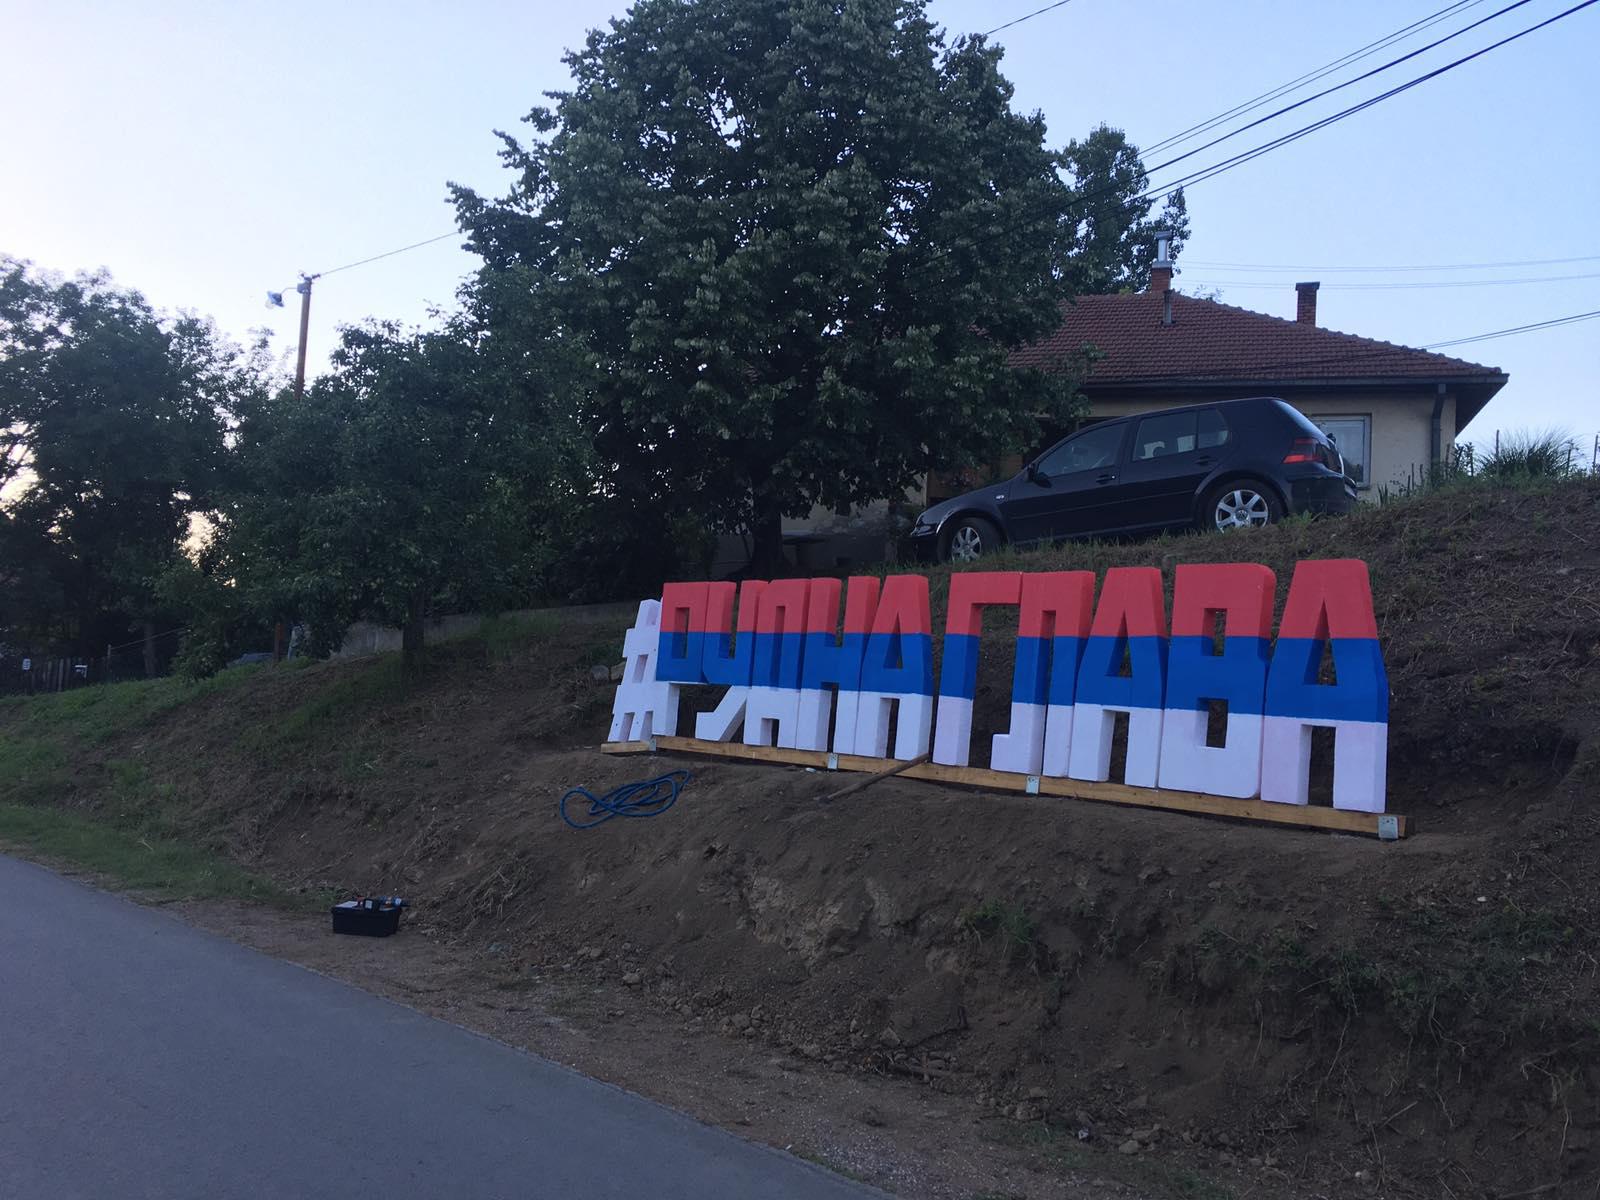 Zašto je u Rudnoj Glavi Vučić najavio vakcinisanje? 2